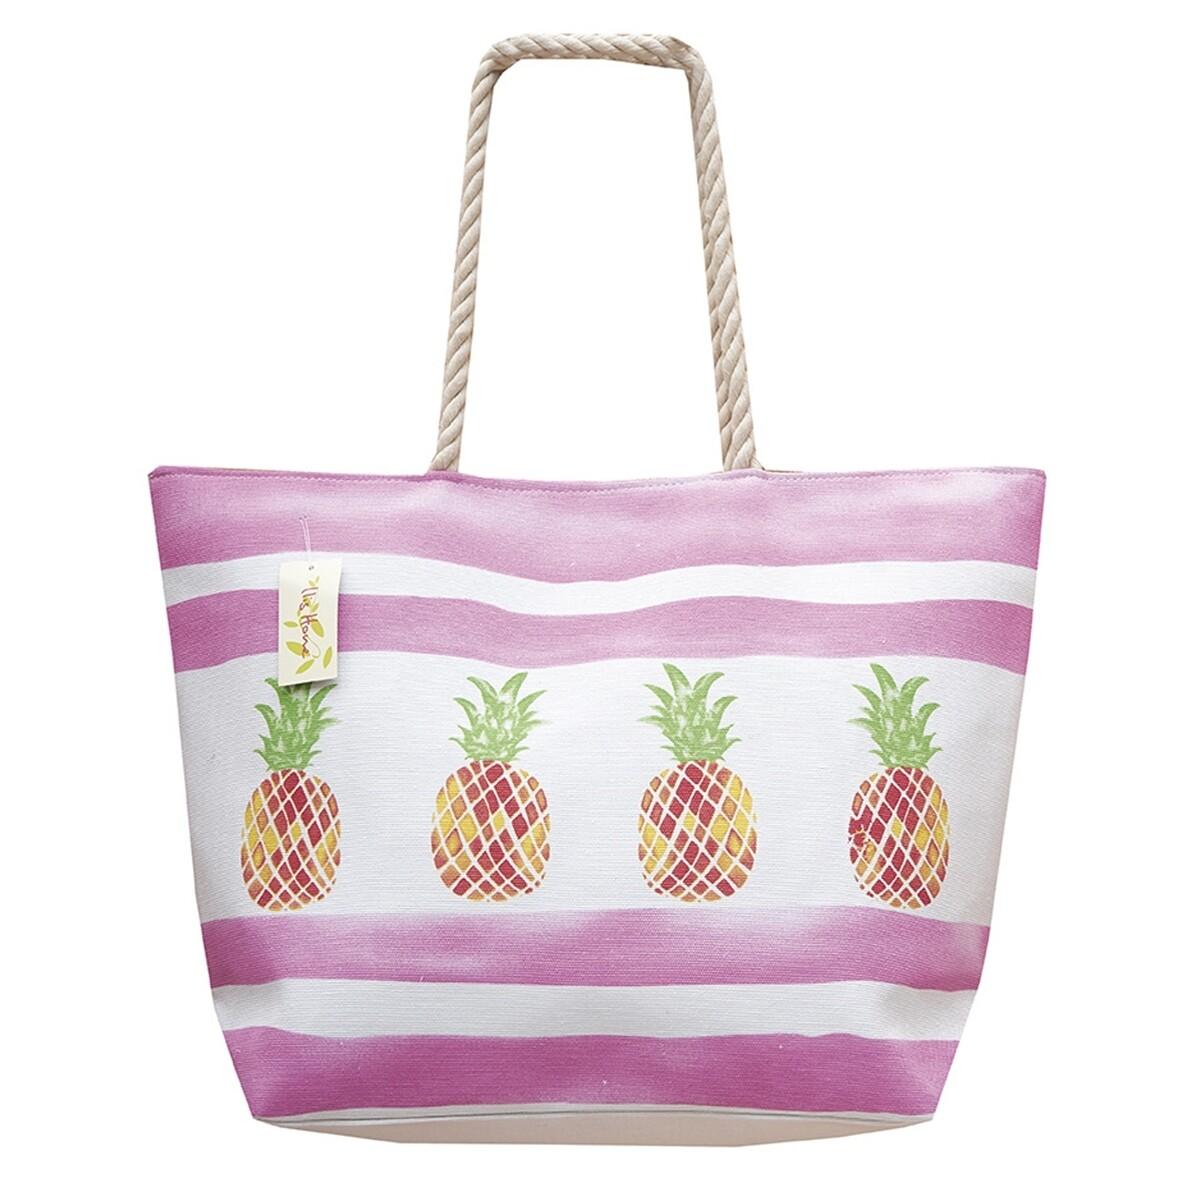 Τσάντα Σταμπωτή Fruits 45Χ45 εκ. 2766 L Ανανάς Ροζ - Ilis Home